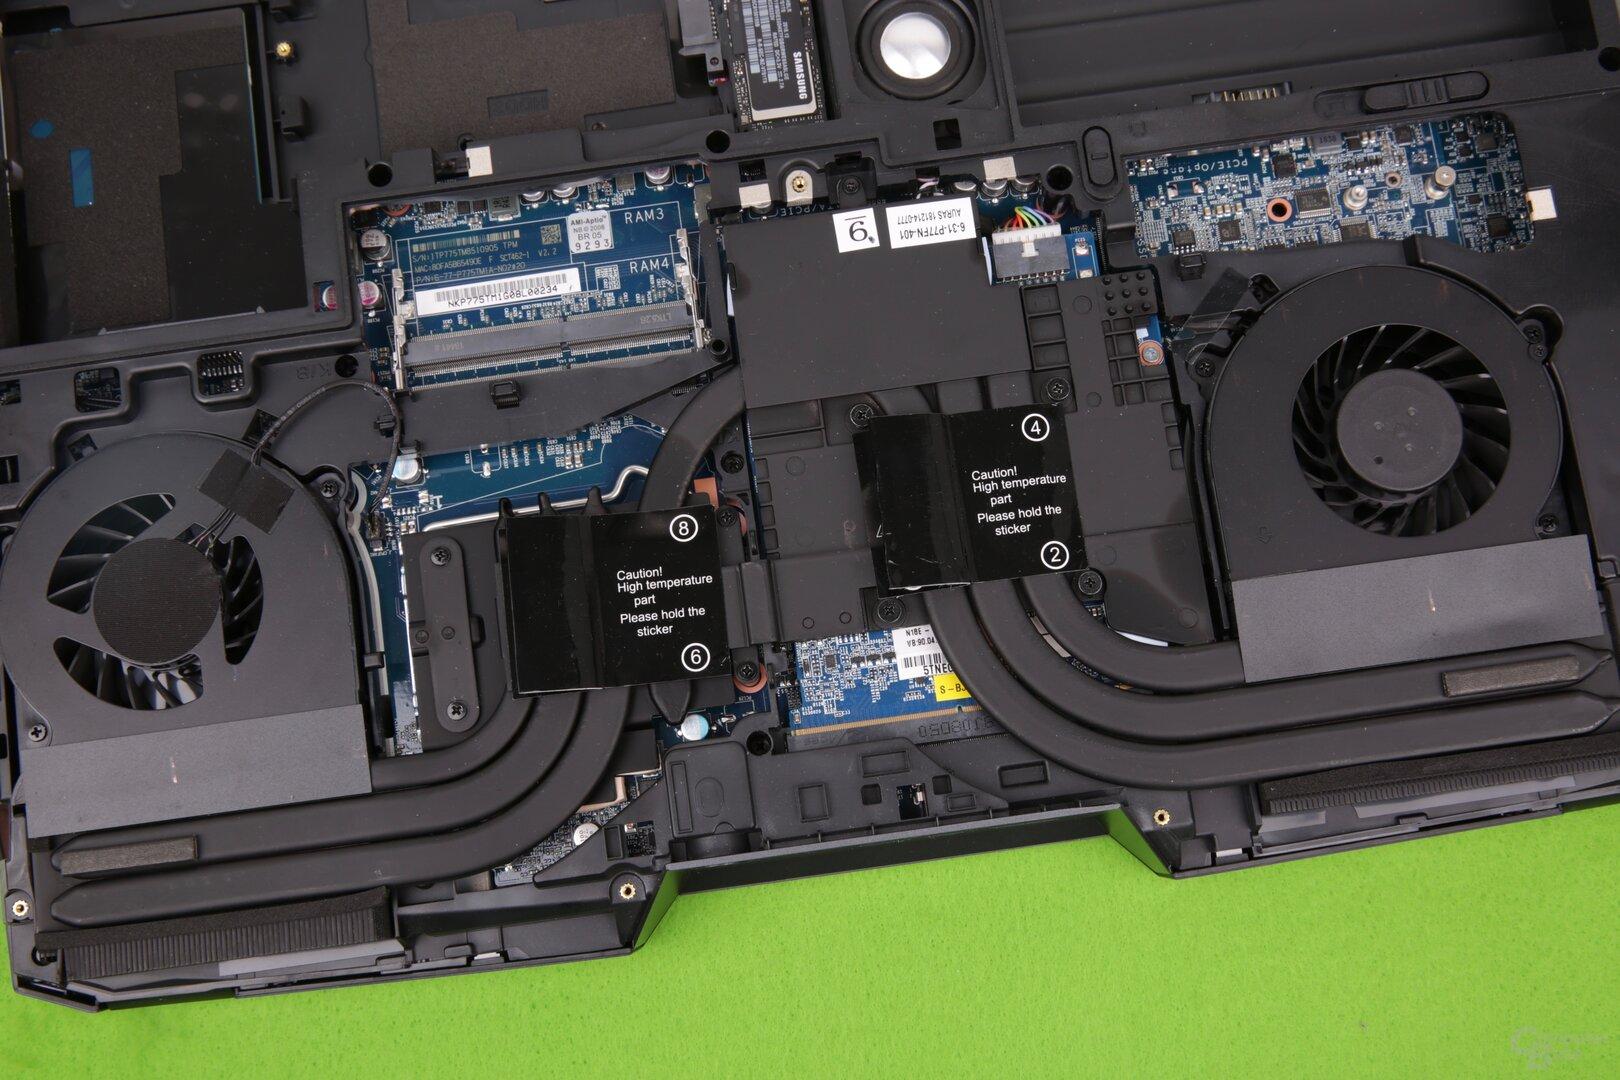 Die Kühlung für die gesockelte CPU (links) und die GPU auf dem MXM-Modul (rechts)